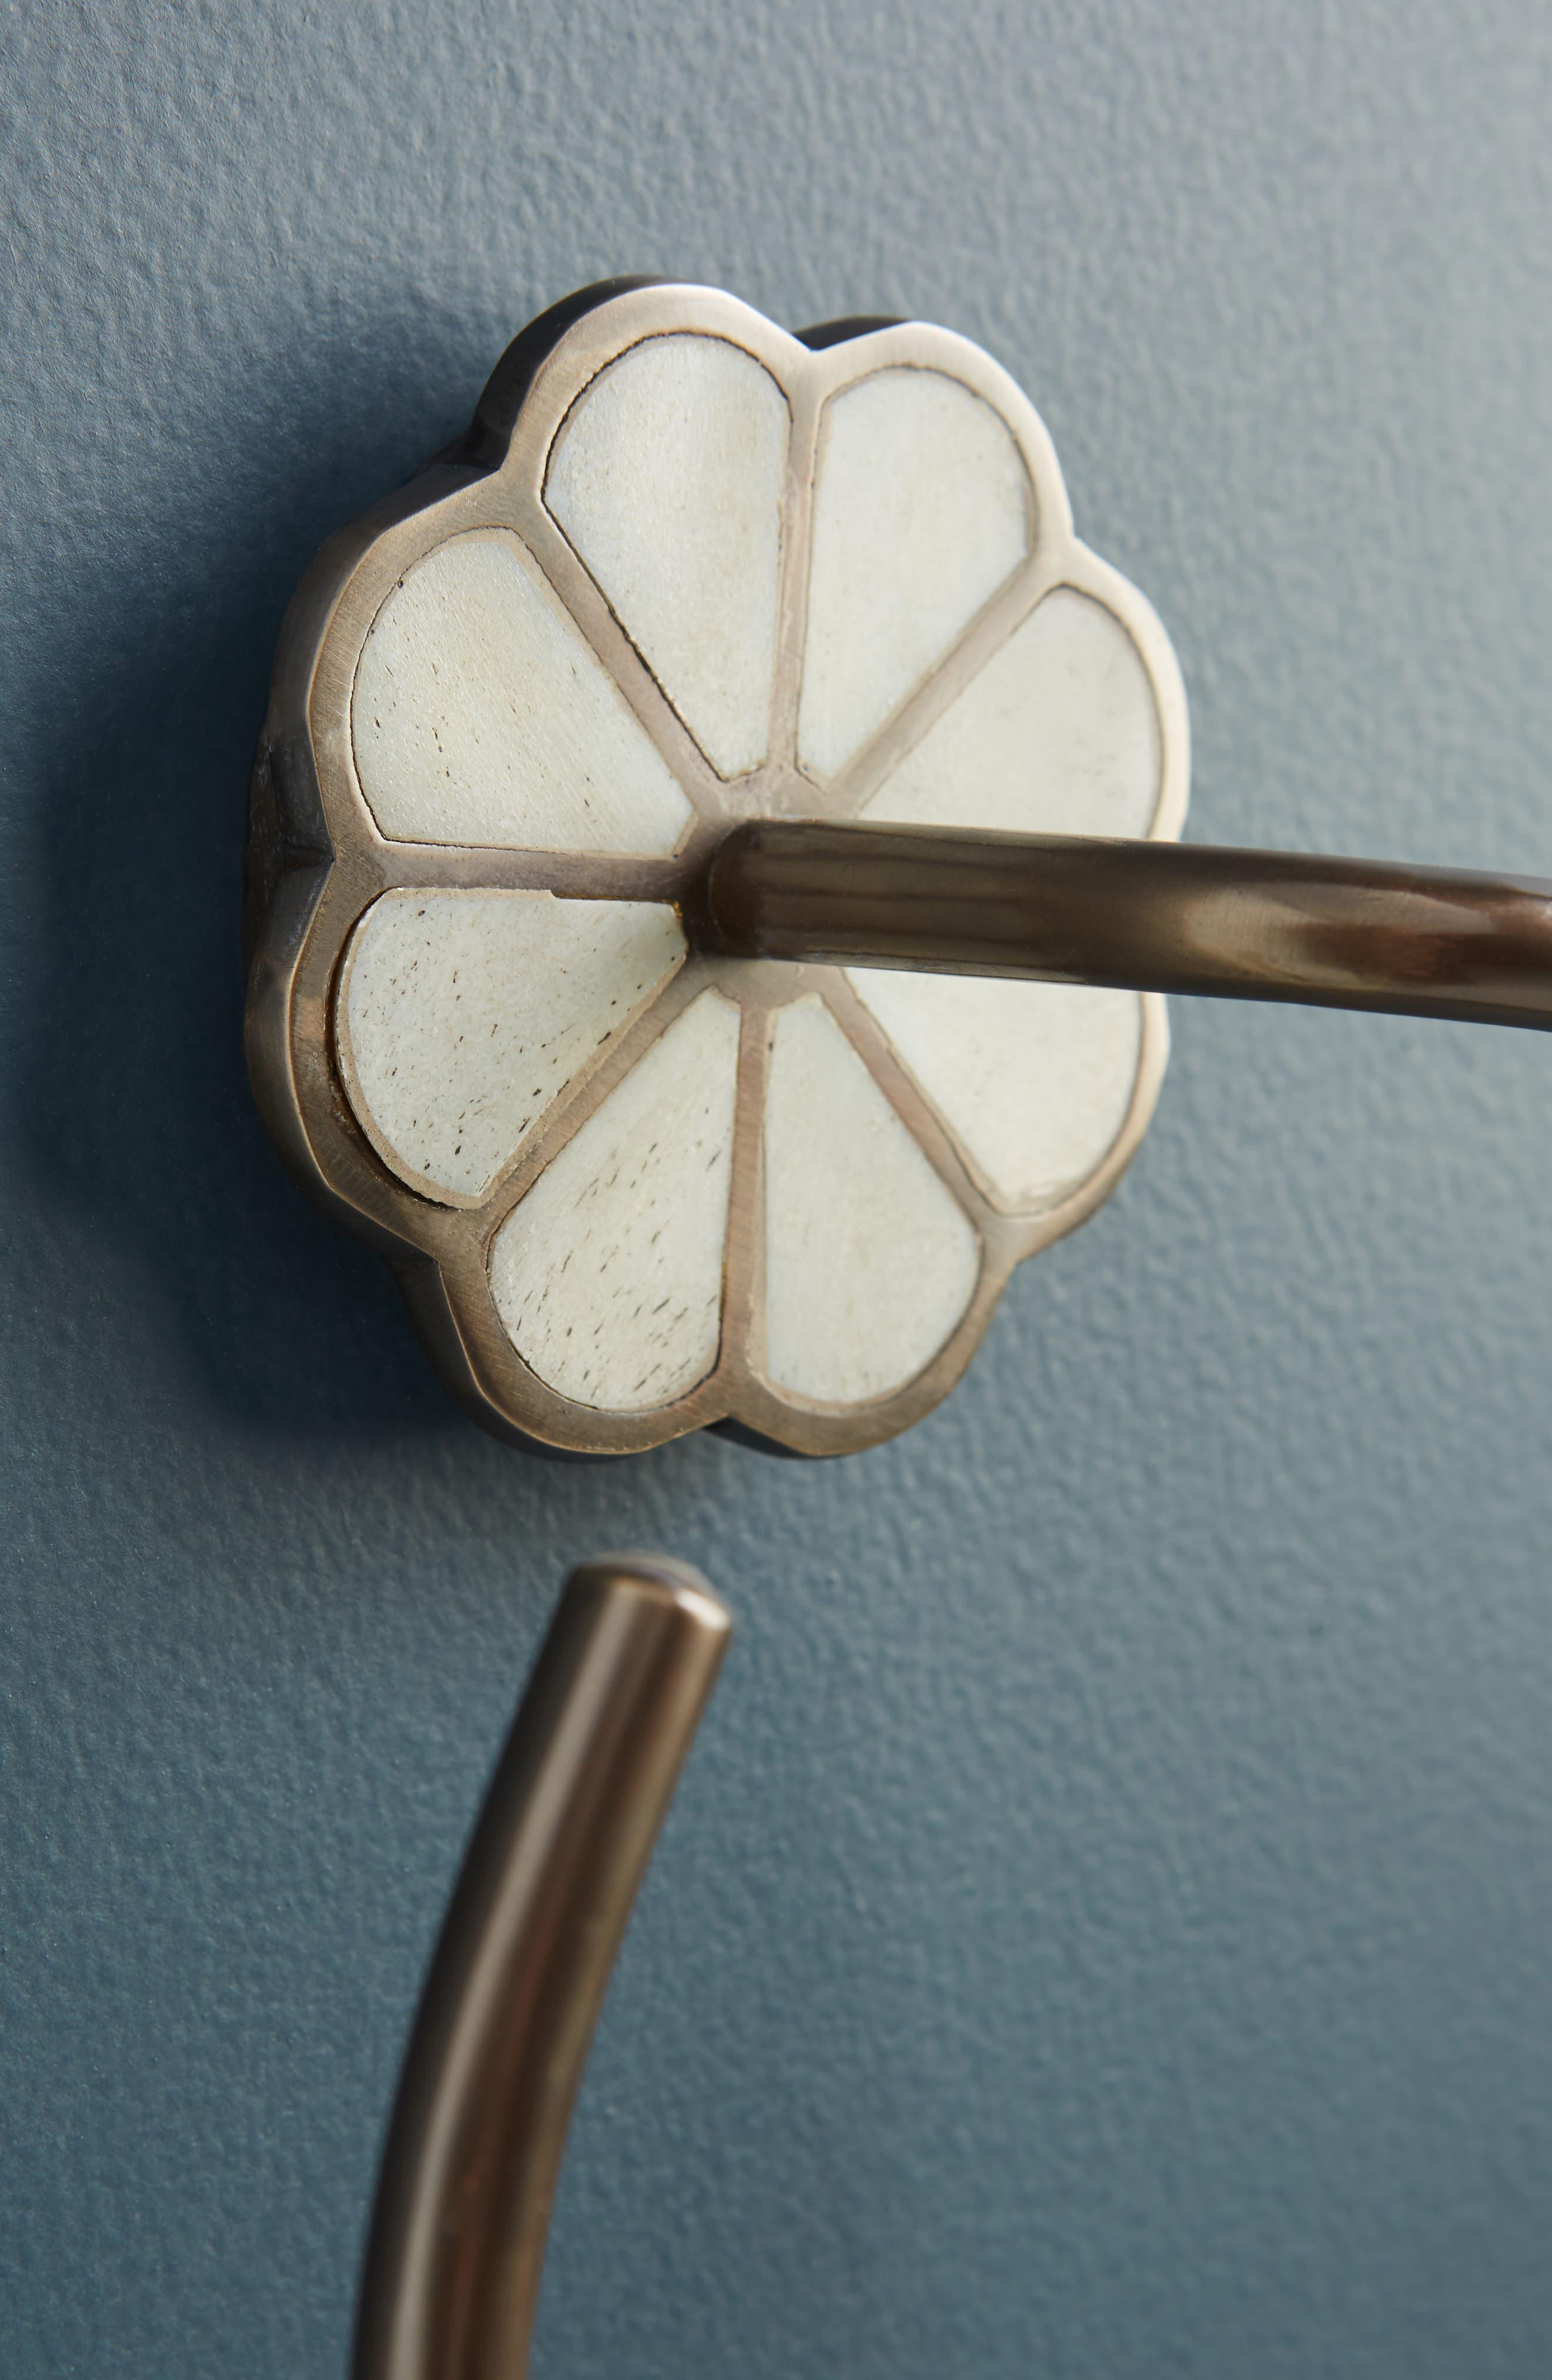 ANTHROPOLOGIE,                             Botanist Towel Ring,                             Alternate thumbnail 3, color,                             WHITE/ OIL RUBBED BRONZE